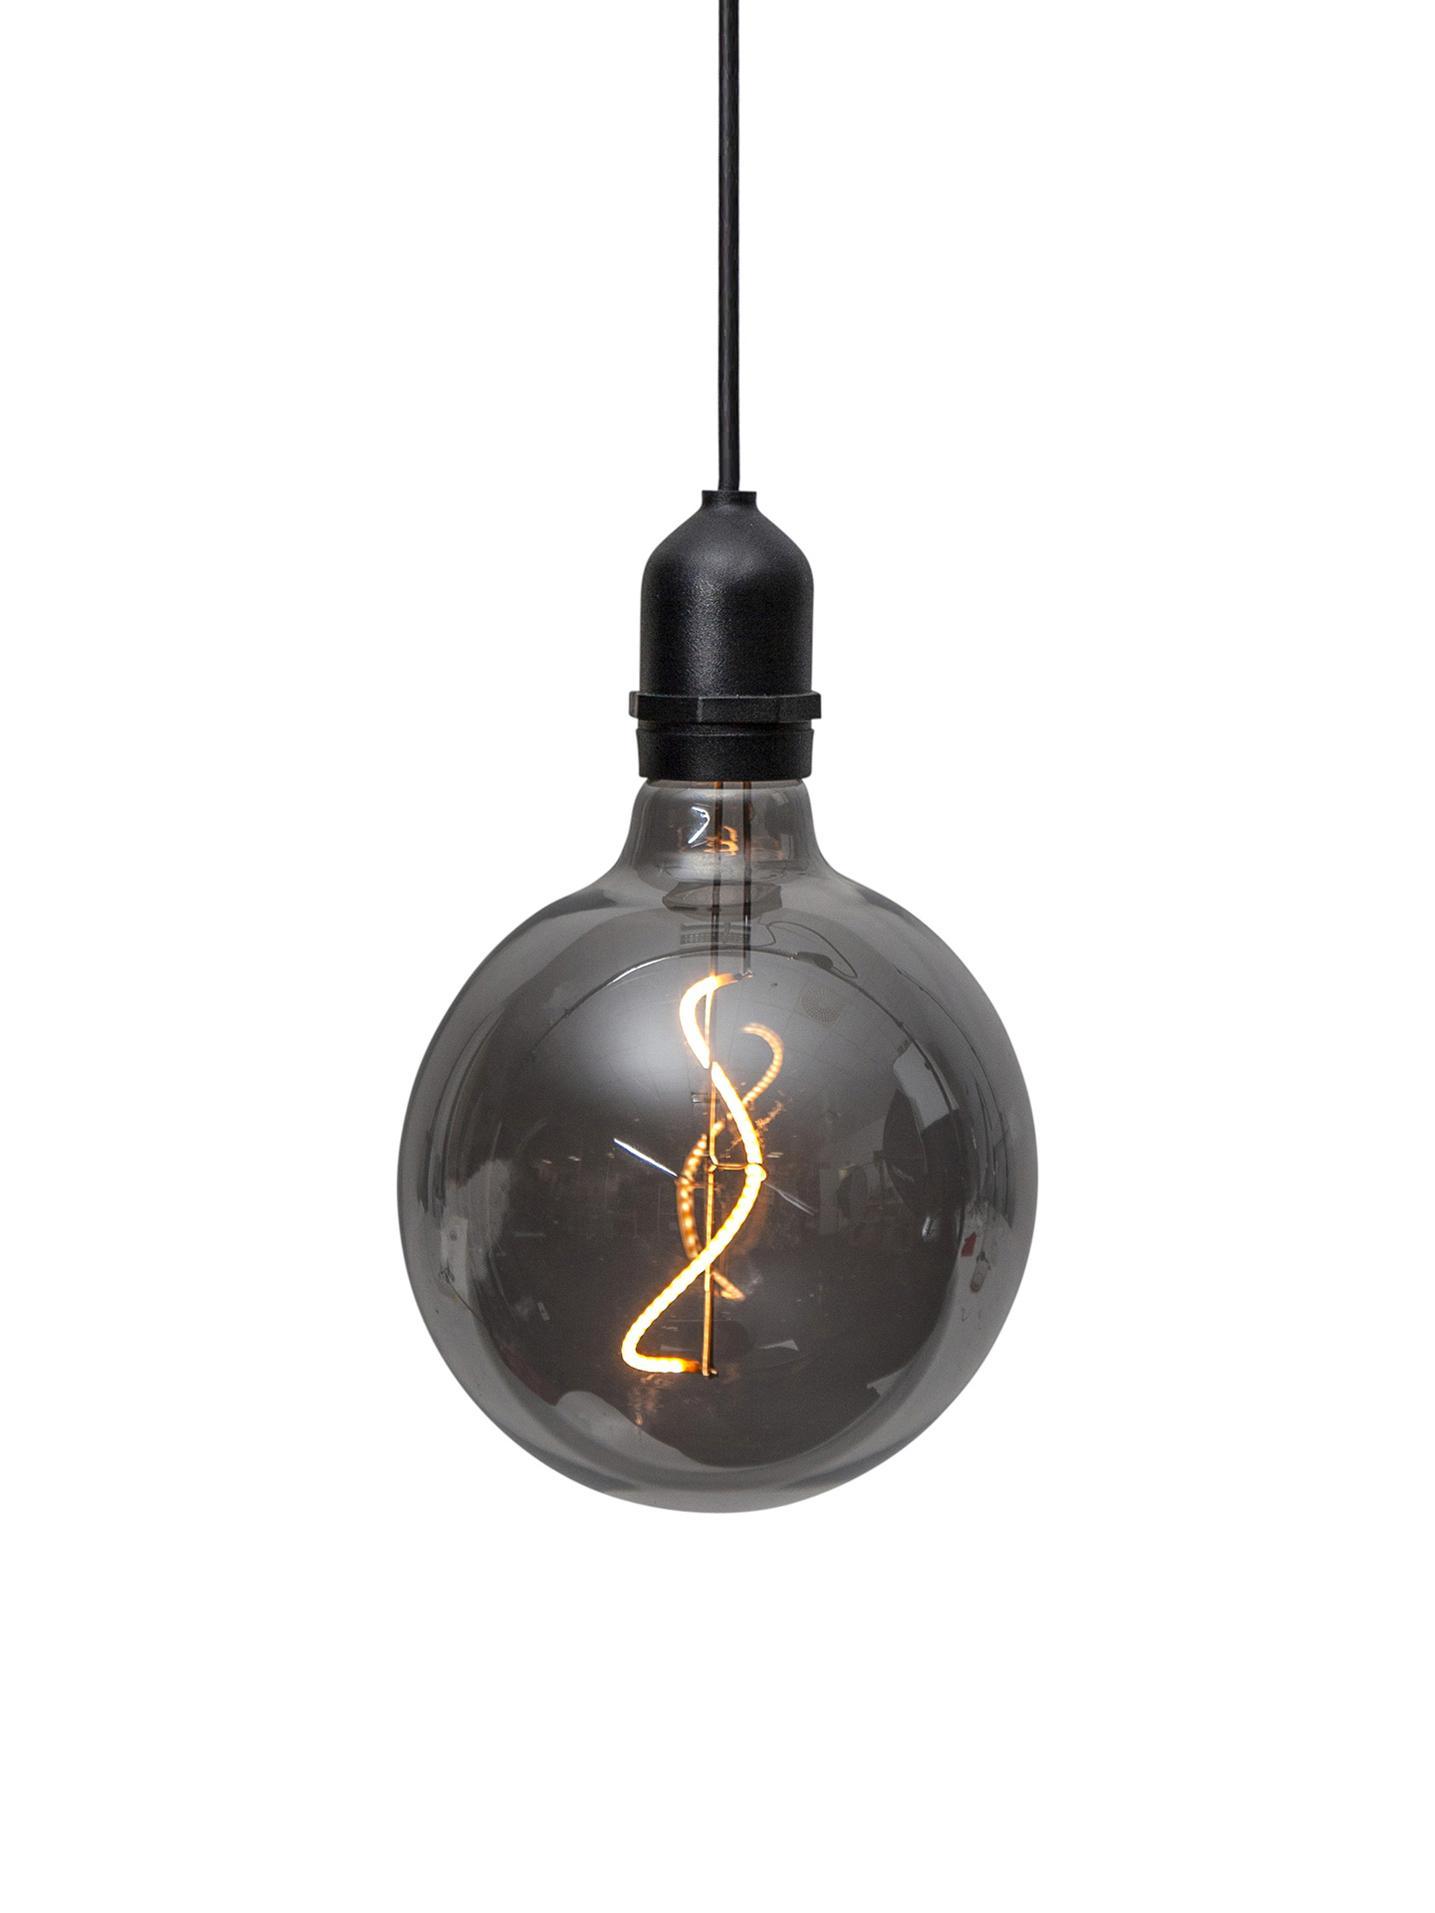 LED Außenleuchte Bowl, Lampenschirm: Glas, Dunkelgrau, transparent, Schwarz, Ø 13 x H 18 cm